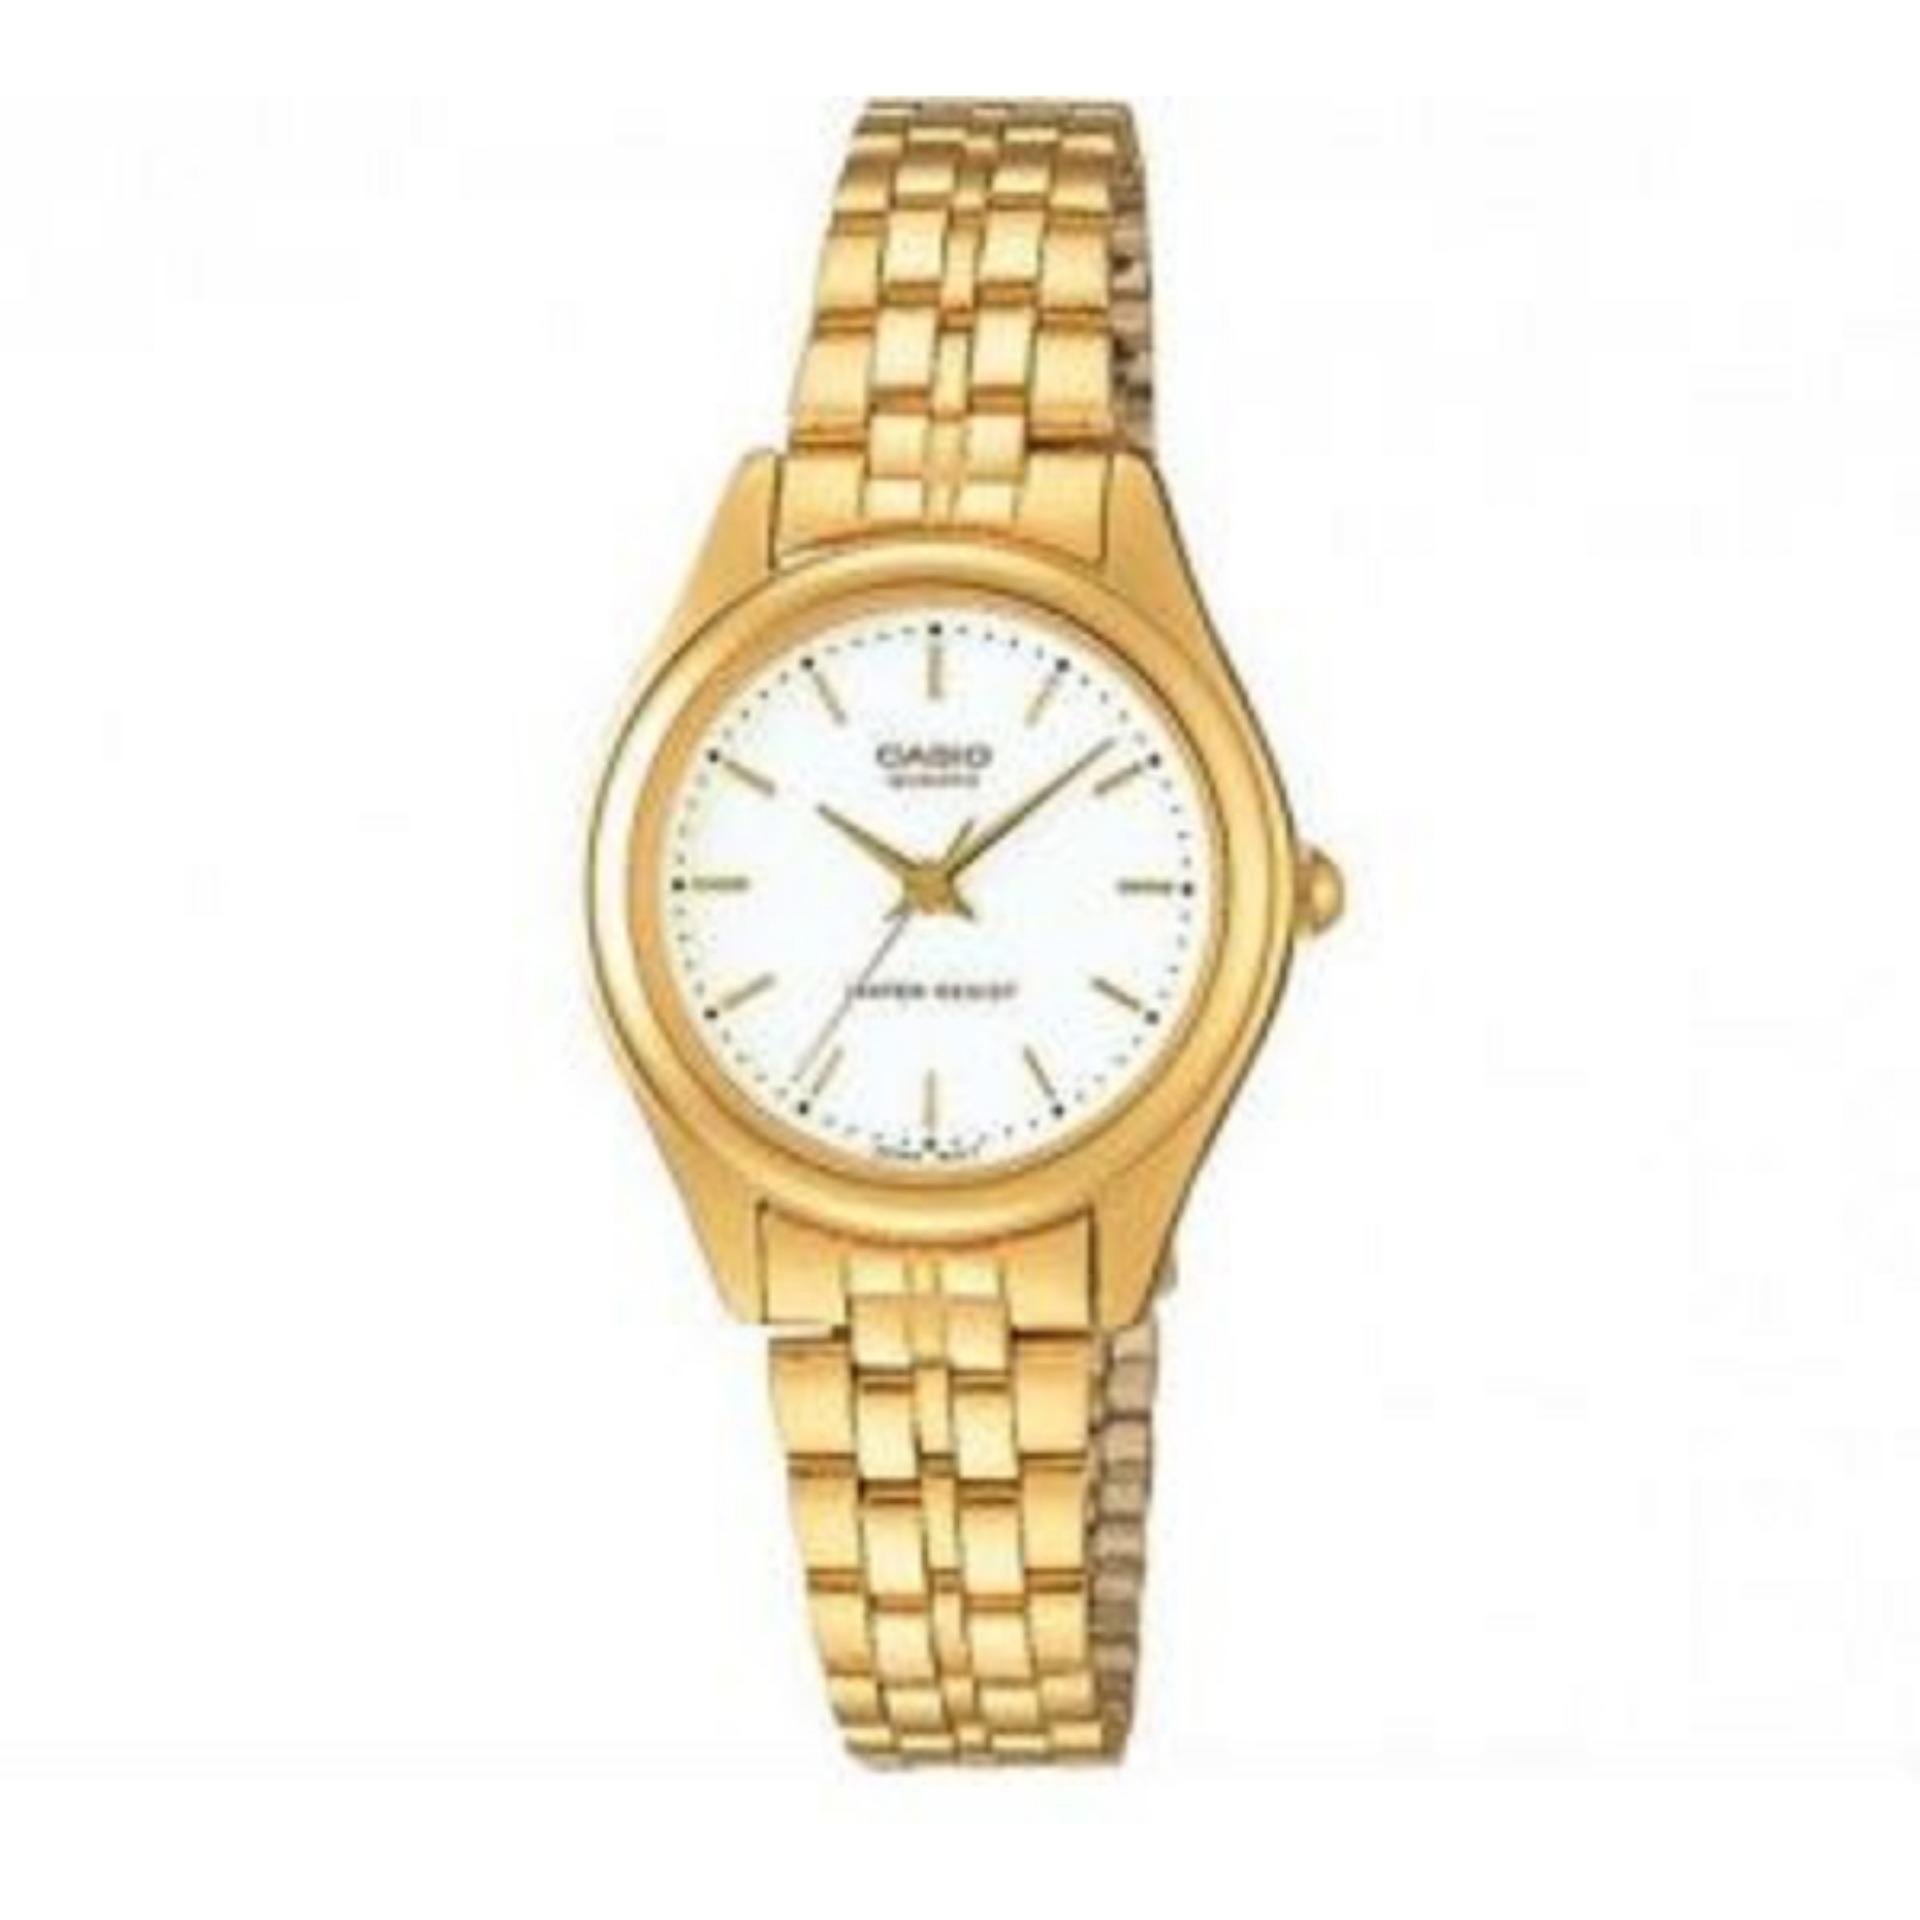 Đồng hồ nữ dây thép không gỉ Casio LTP-1129N-7ardf